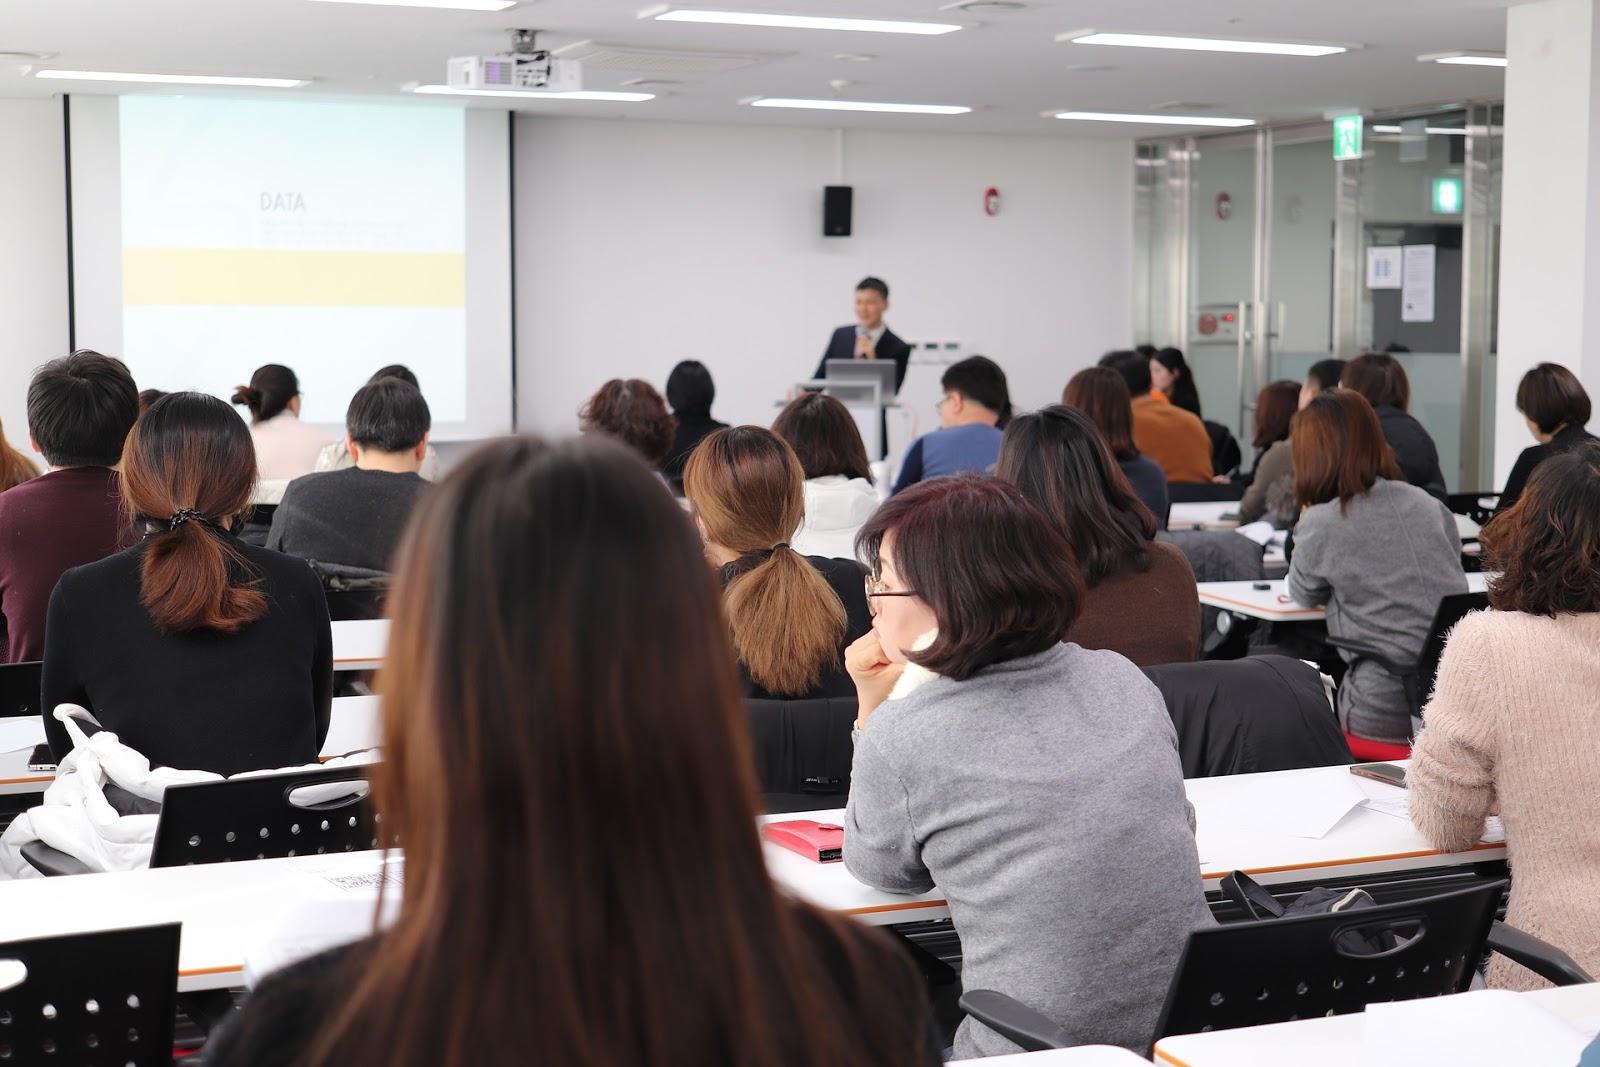 https://institutokailua.com/blog/wp-content/uploads/2019/03/lecture-3986809_1920-2.jpg